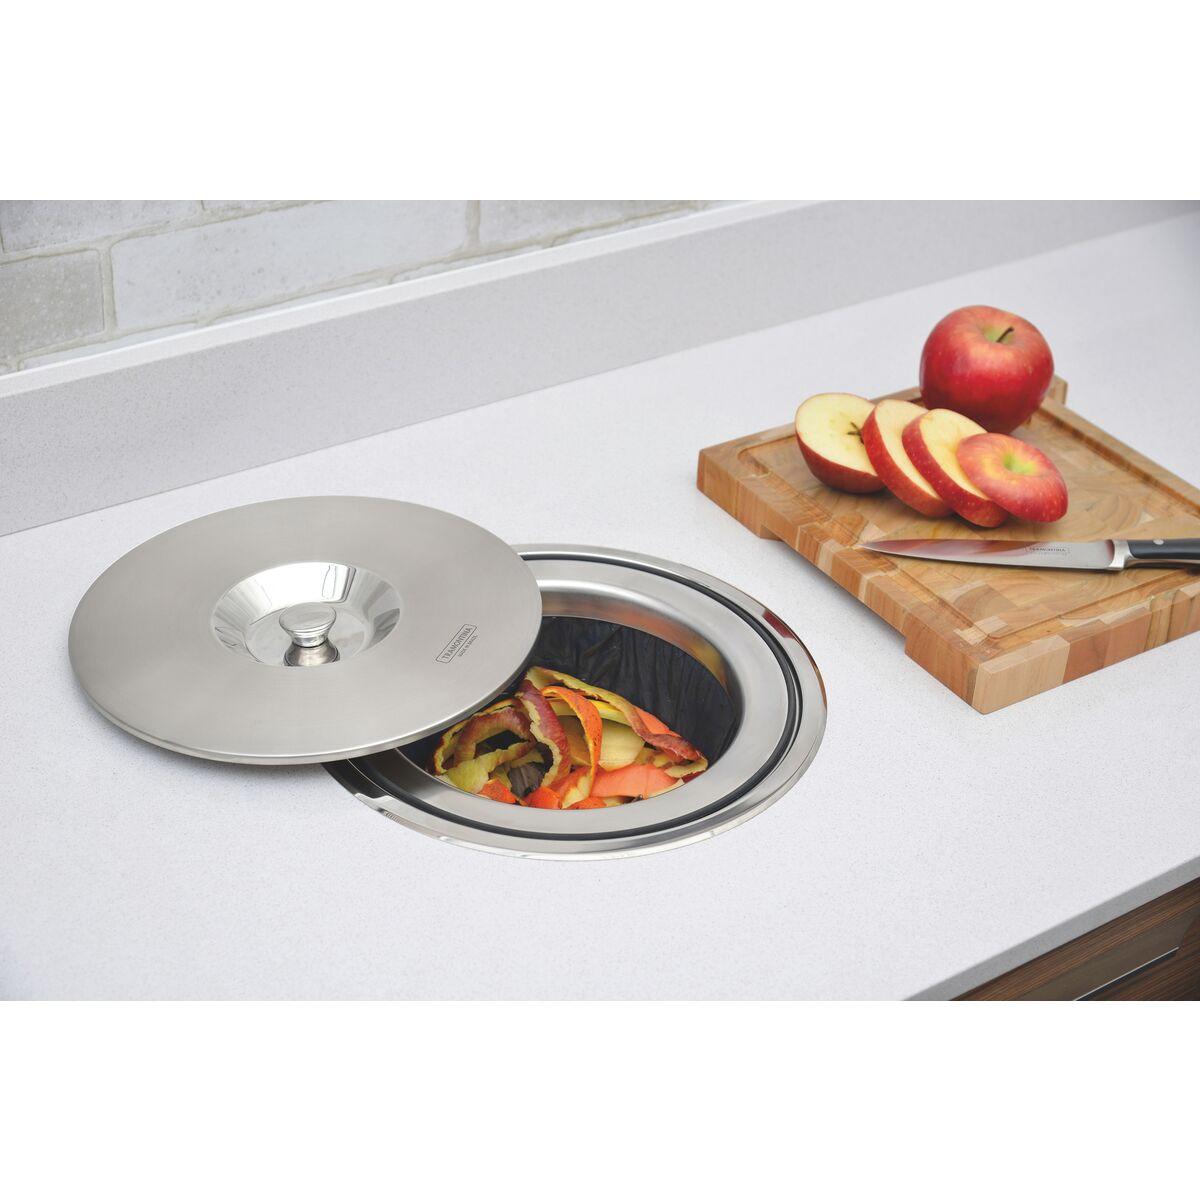 Lixeira de embutir Tramontina Clean Round em Aço Inox com Balde Plástico 94518000 8 L  - Casa Mattos